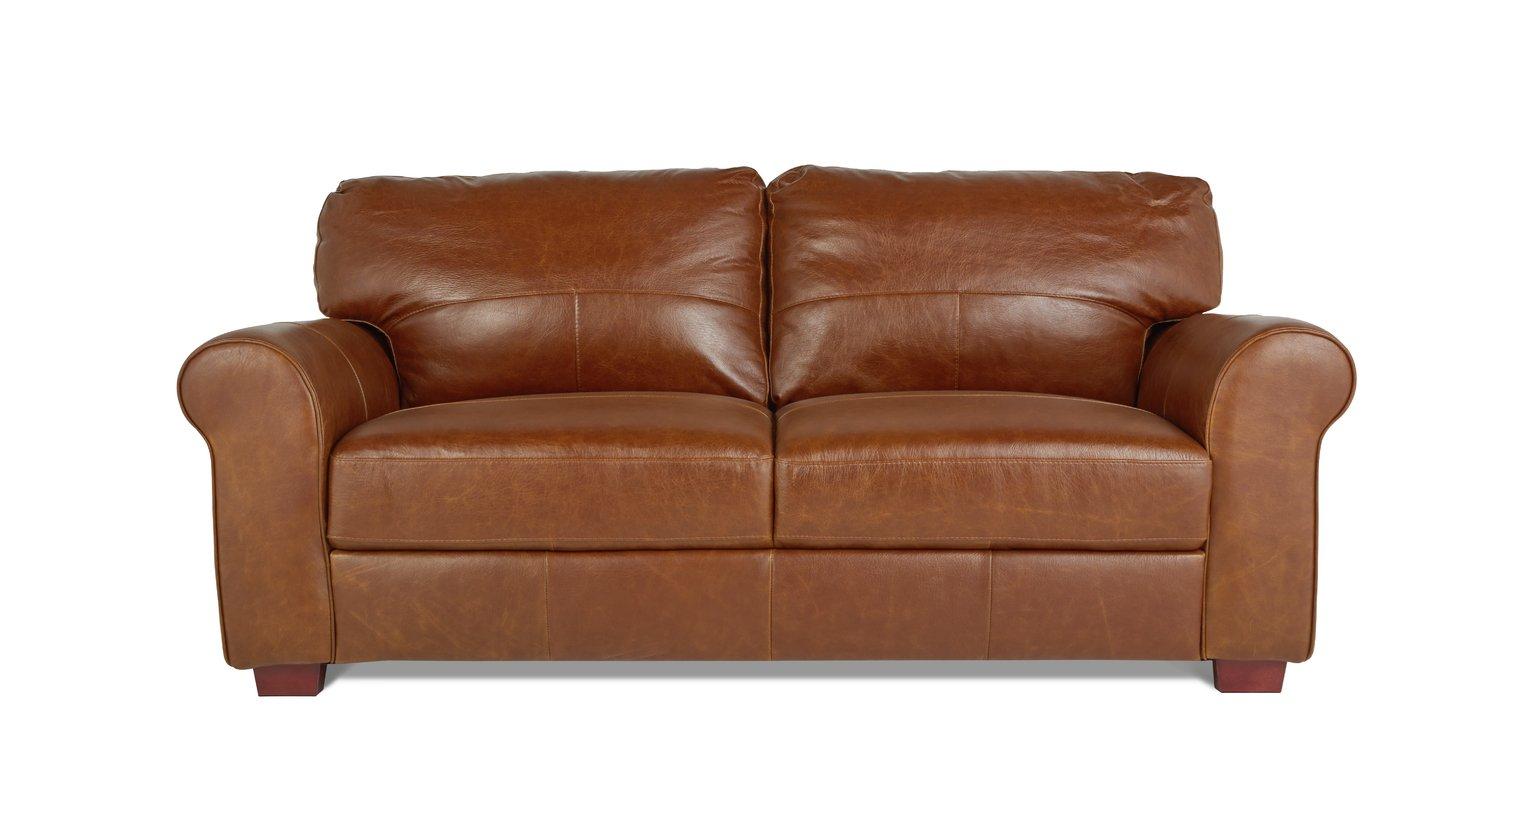 Buy Argos Home Salisbury 3 Seater Leather Sofa   Tan | Sofas | Argos